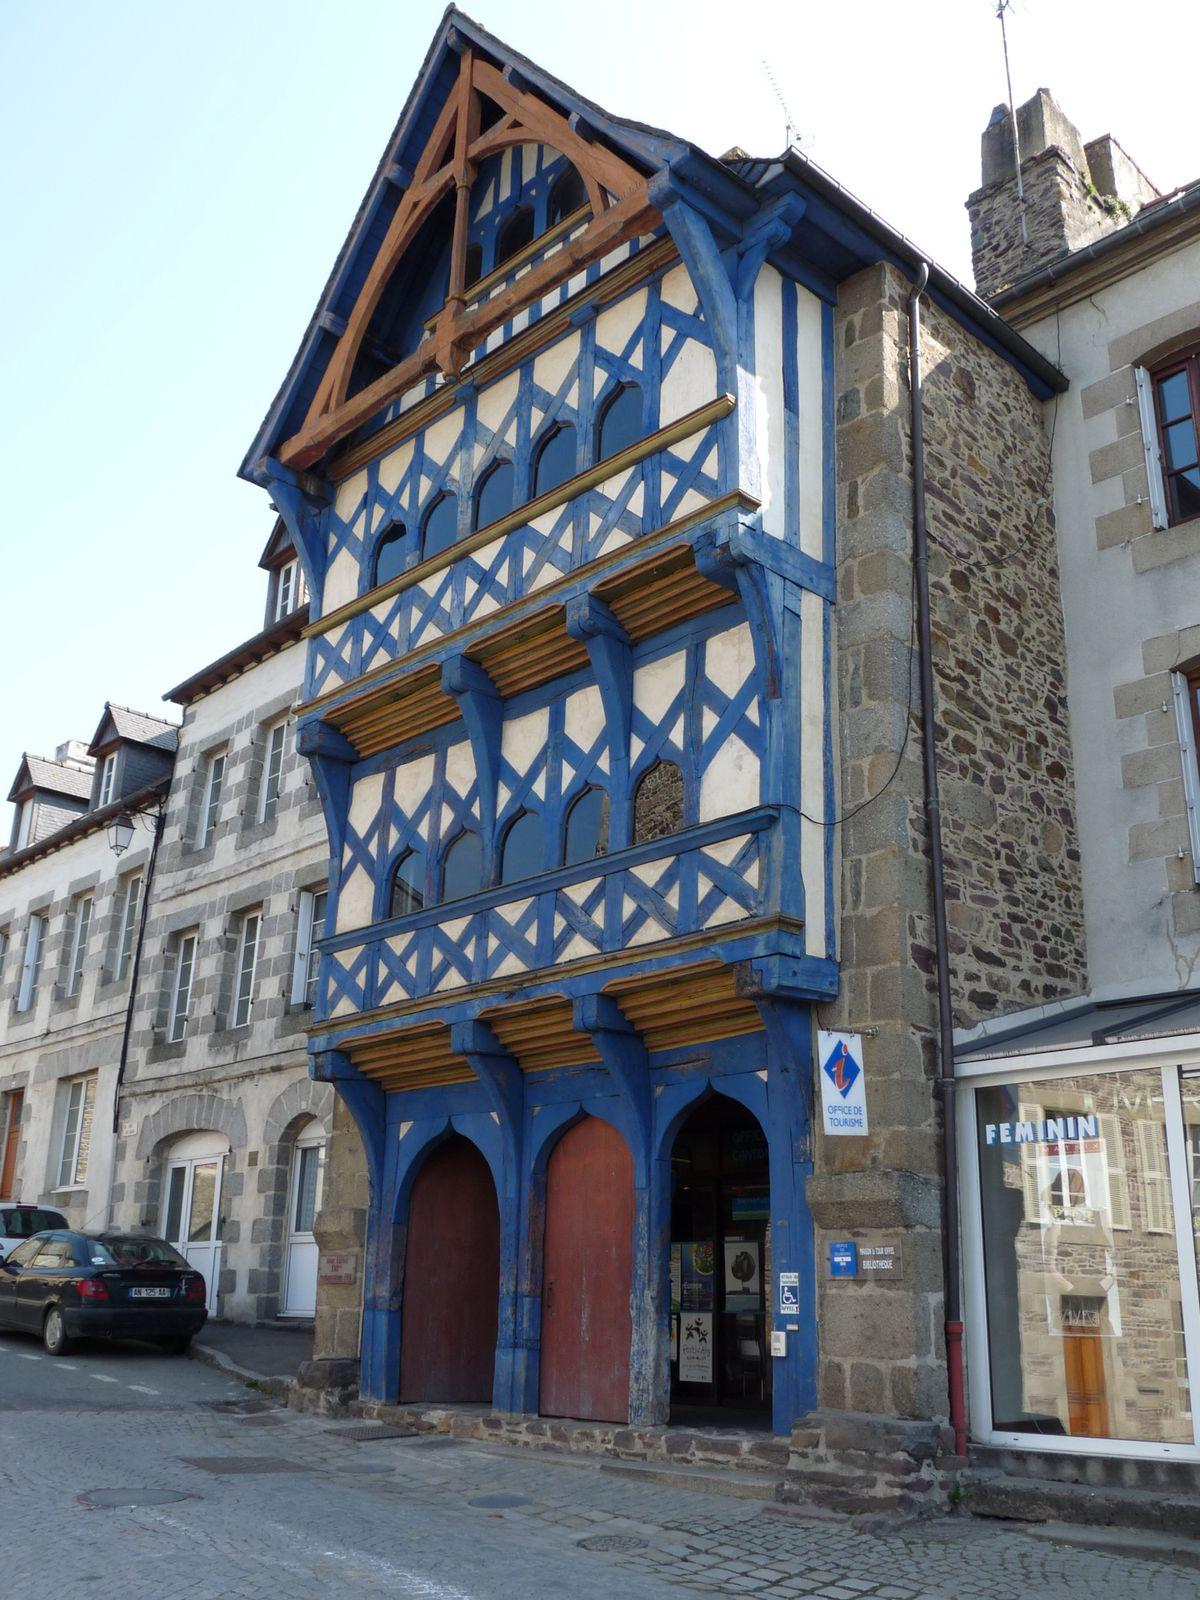 L'office du tourisme. La maison à colombages de la Tour Eiffel ou du Roscoat de la fin du 15eme siècle, située Place Yves-Le-Trocquer.